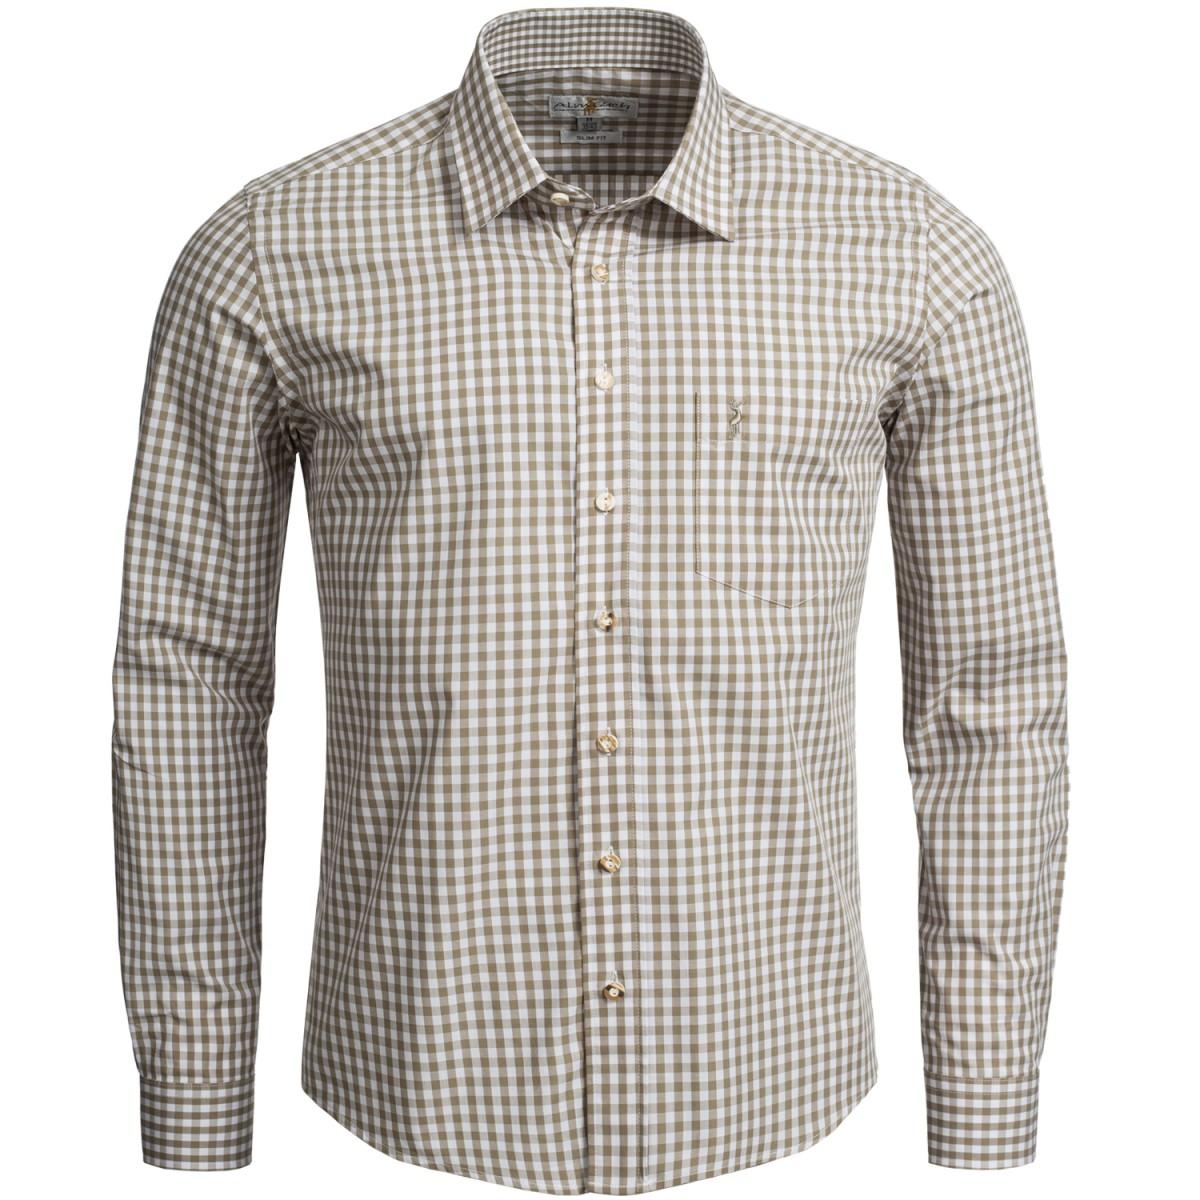 Trachtenhemd Slim Fit in Beige von Almsach günstig online kaufen